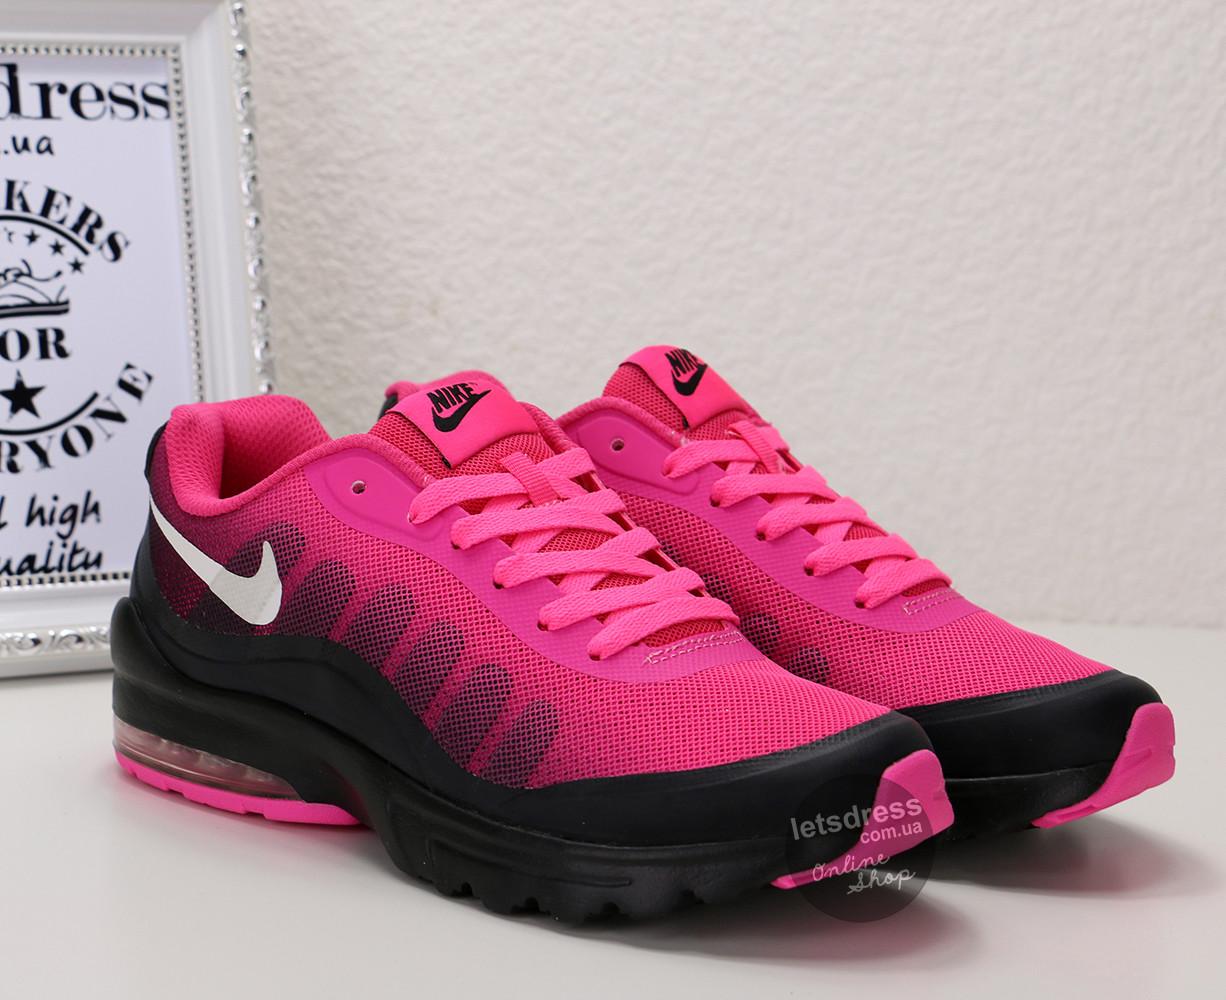 Кроссовки женские Nike Air Max Invigor Print Women розовые | Найк Аир Макс Инвигор принт